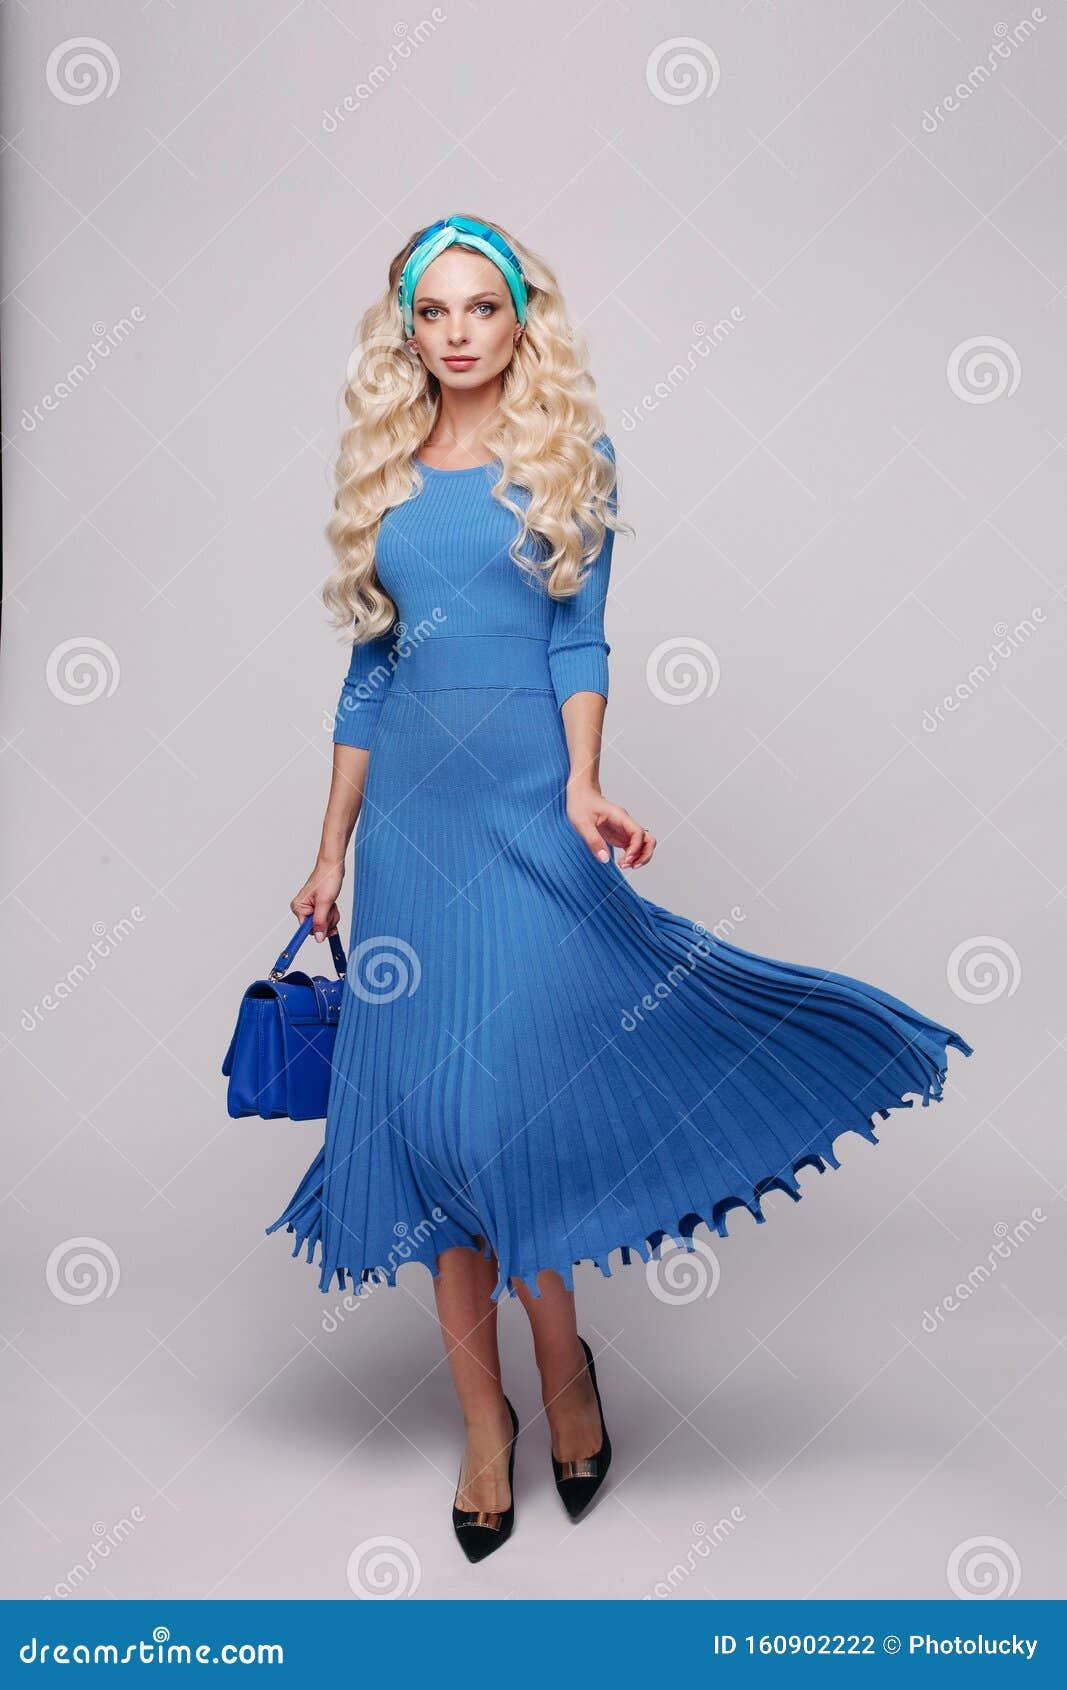 Роскошна блондинка в синем платье